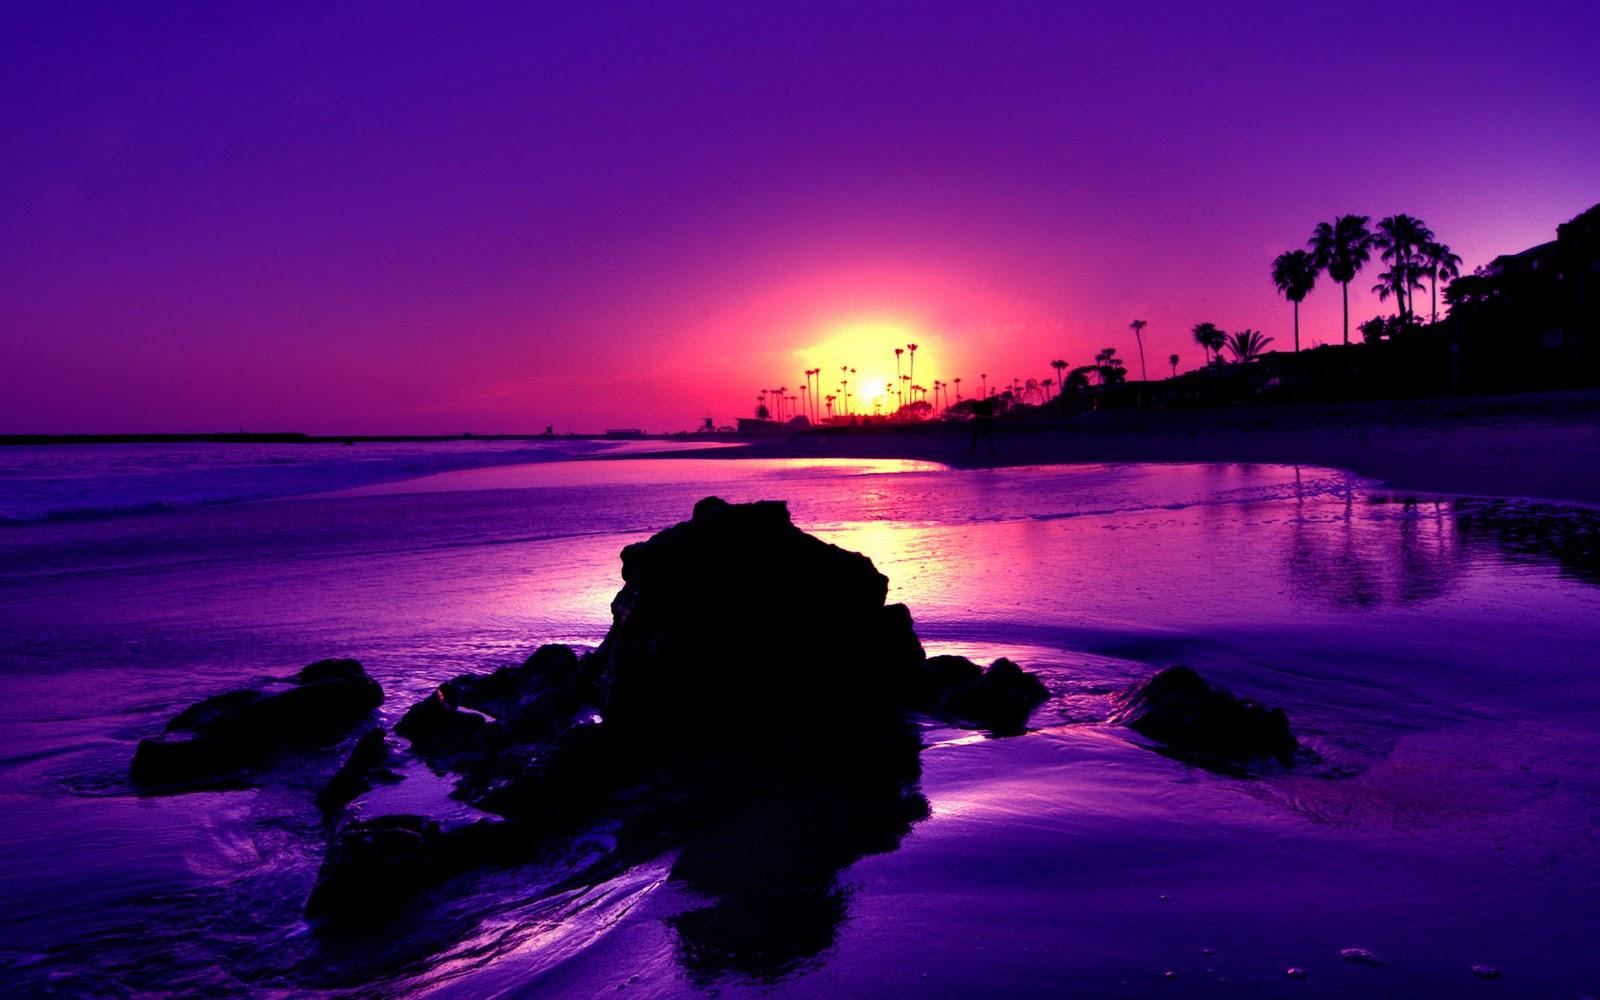 Beautiful Beach Sunset Wallpaper 9339 Hd Wallpapers in Beach 1600x1000